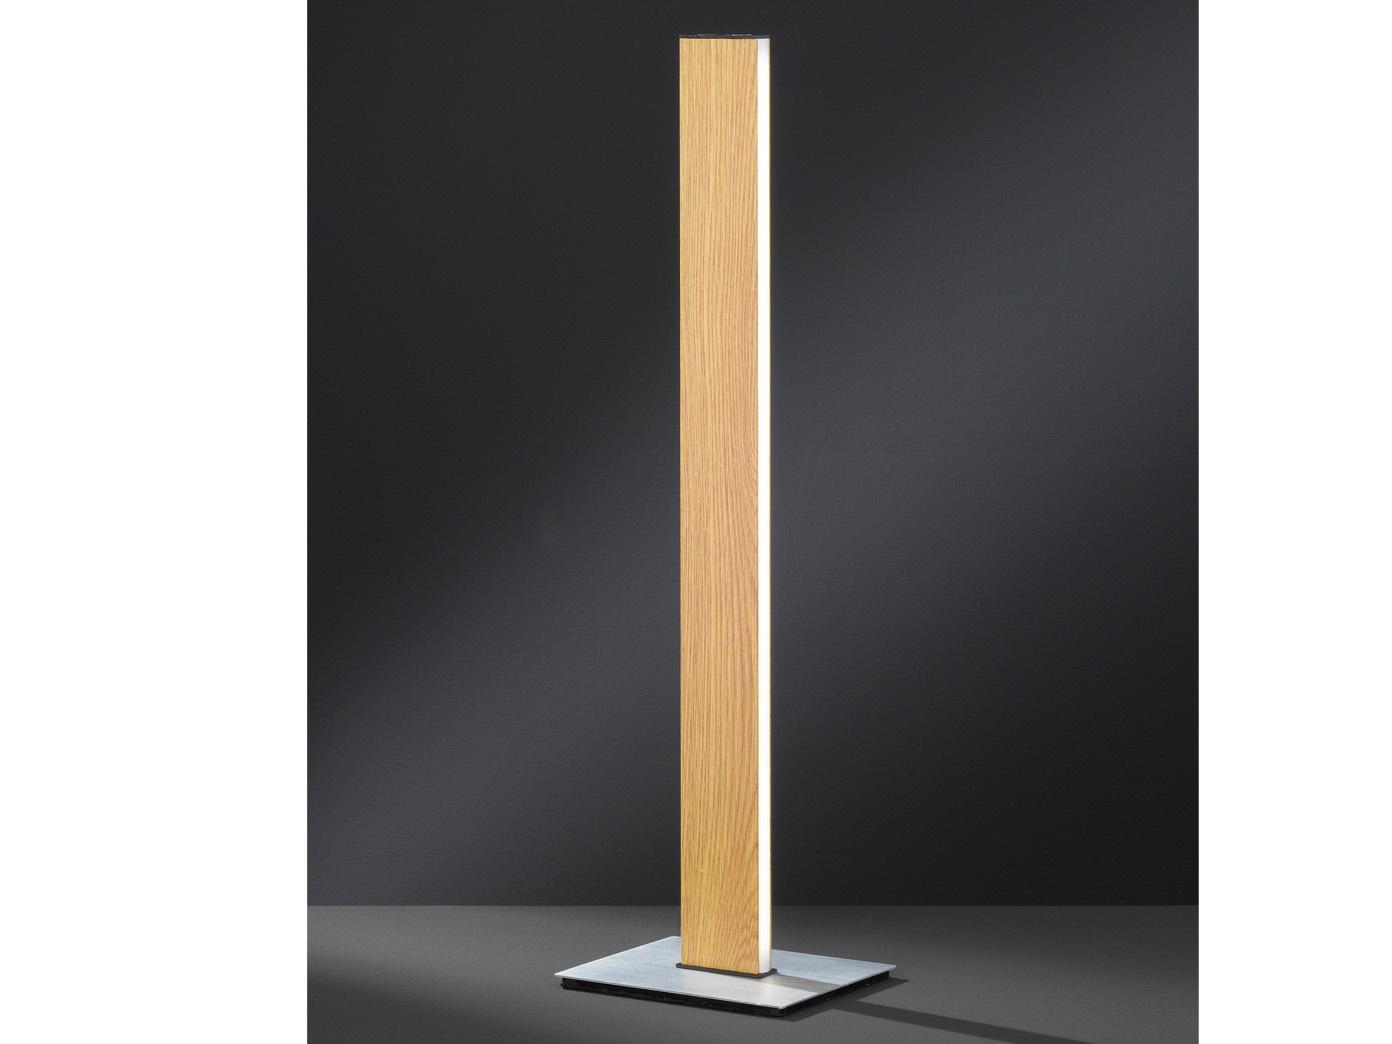 LED Nachttischlampe 2er Set Holz-Optik dimmbar mit Gestensteuerung Wohnzimmer